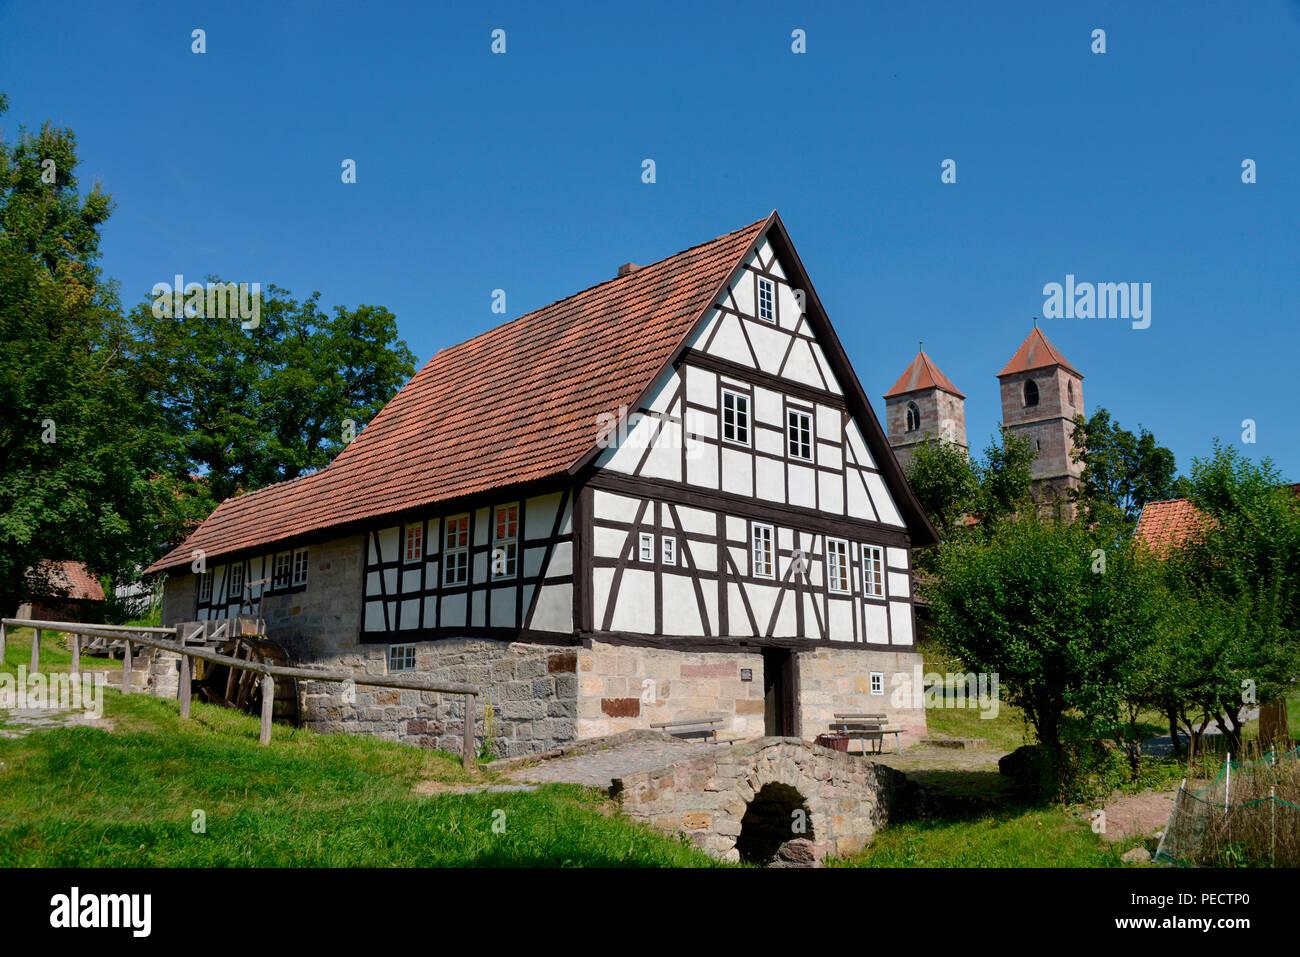 Wassermuehle, Freilichtmuseum, Vessra, Thueringen, Deutschland - Stock Image